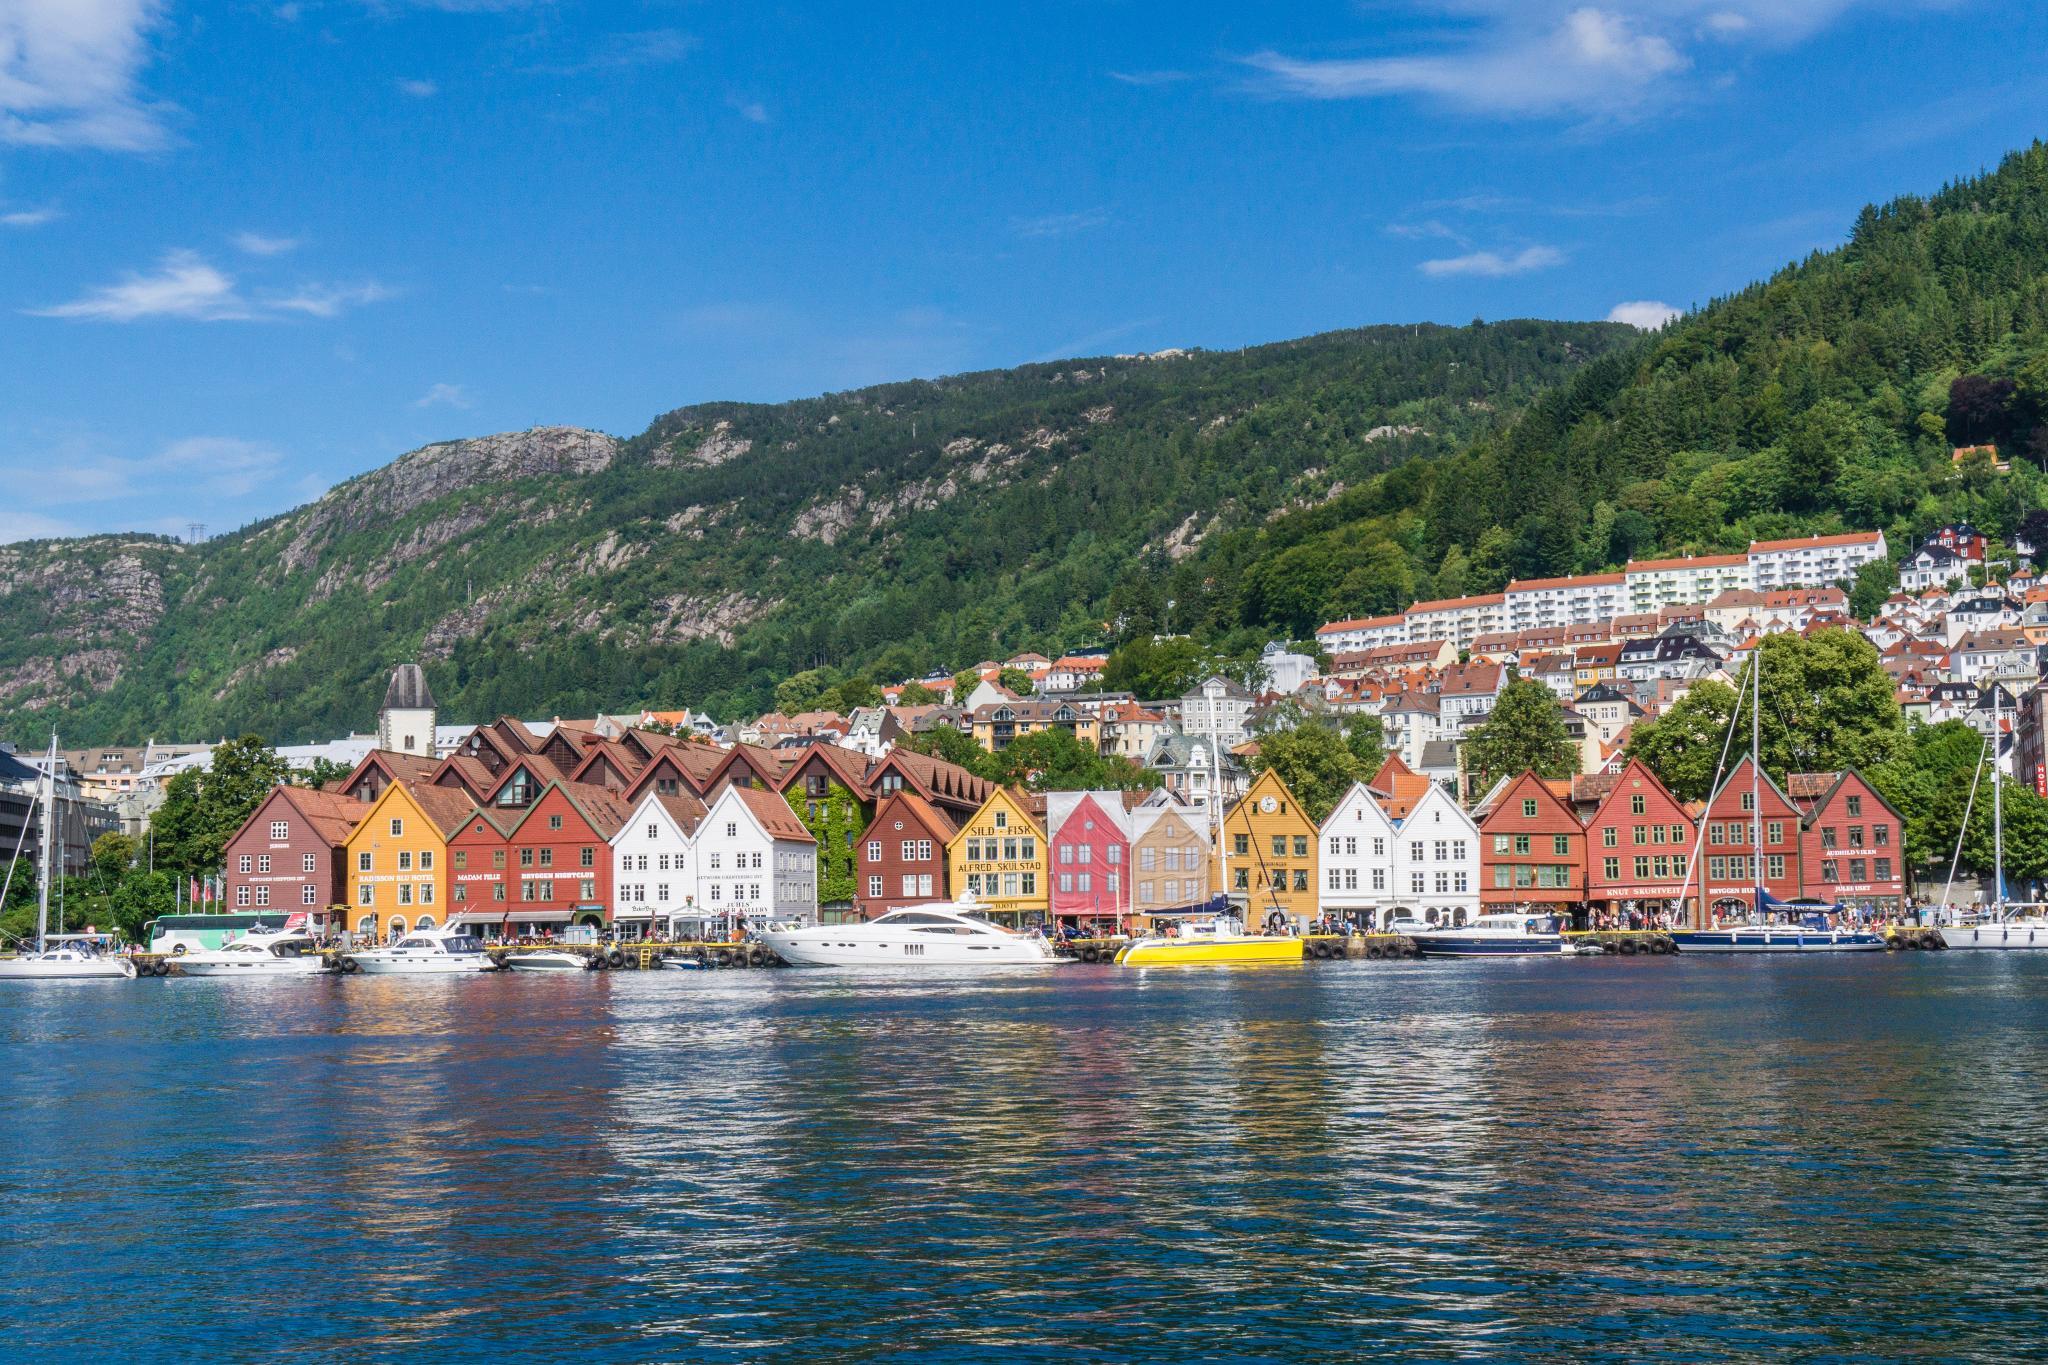 【卑爾根】Bryggen 世界遺產布呂根 — 迷失在百年歷史的挪威彩色木屋 34